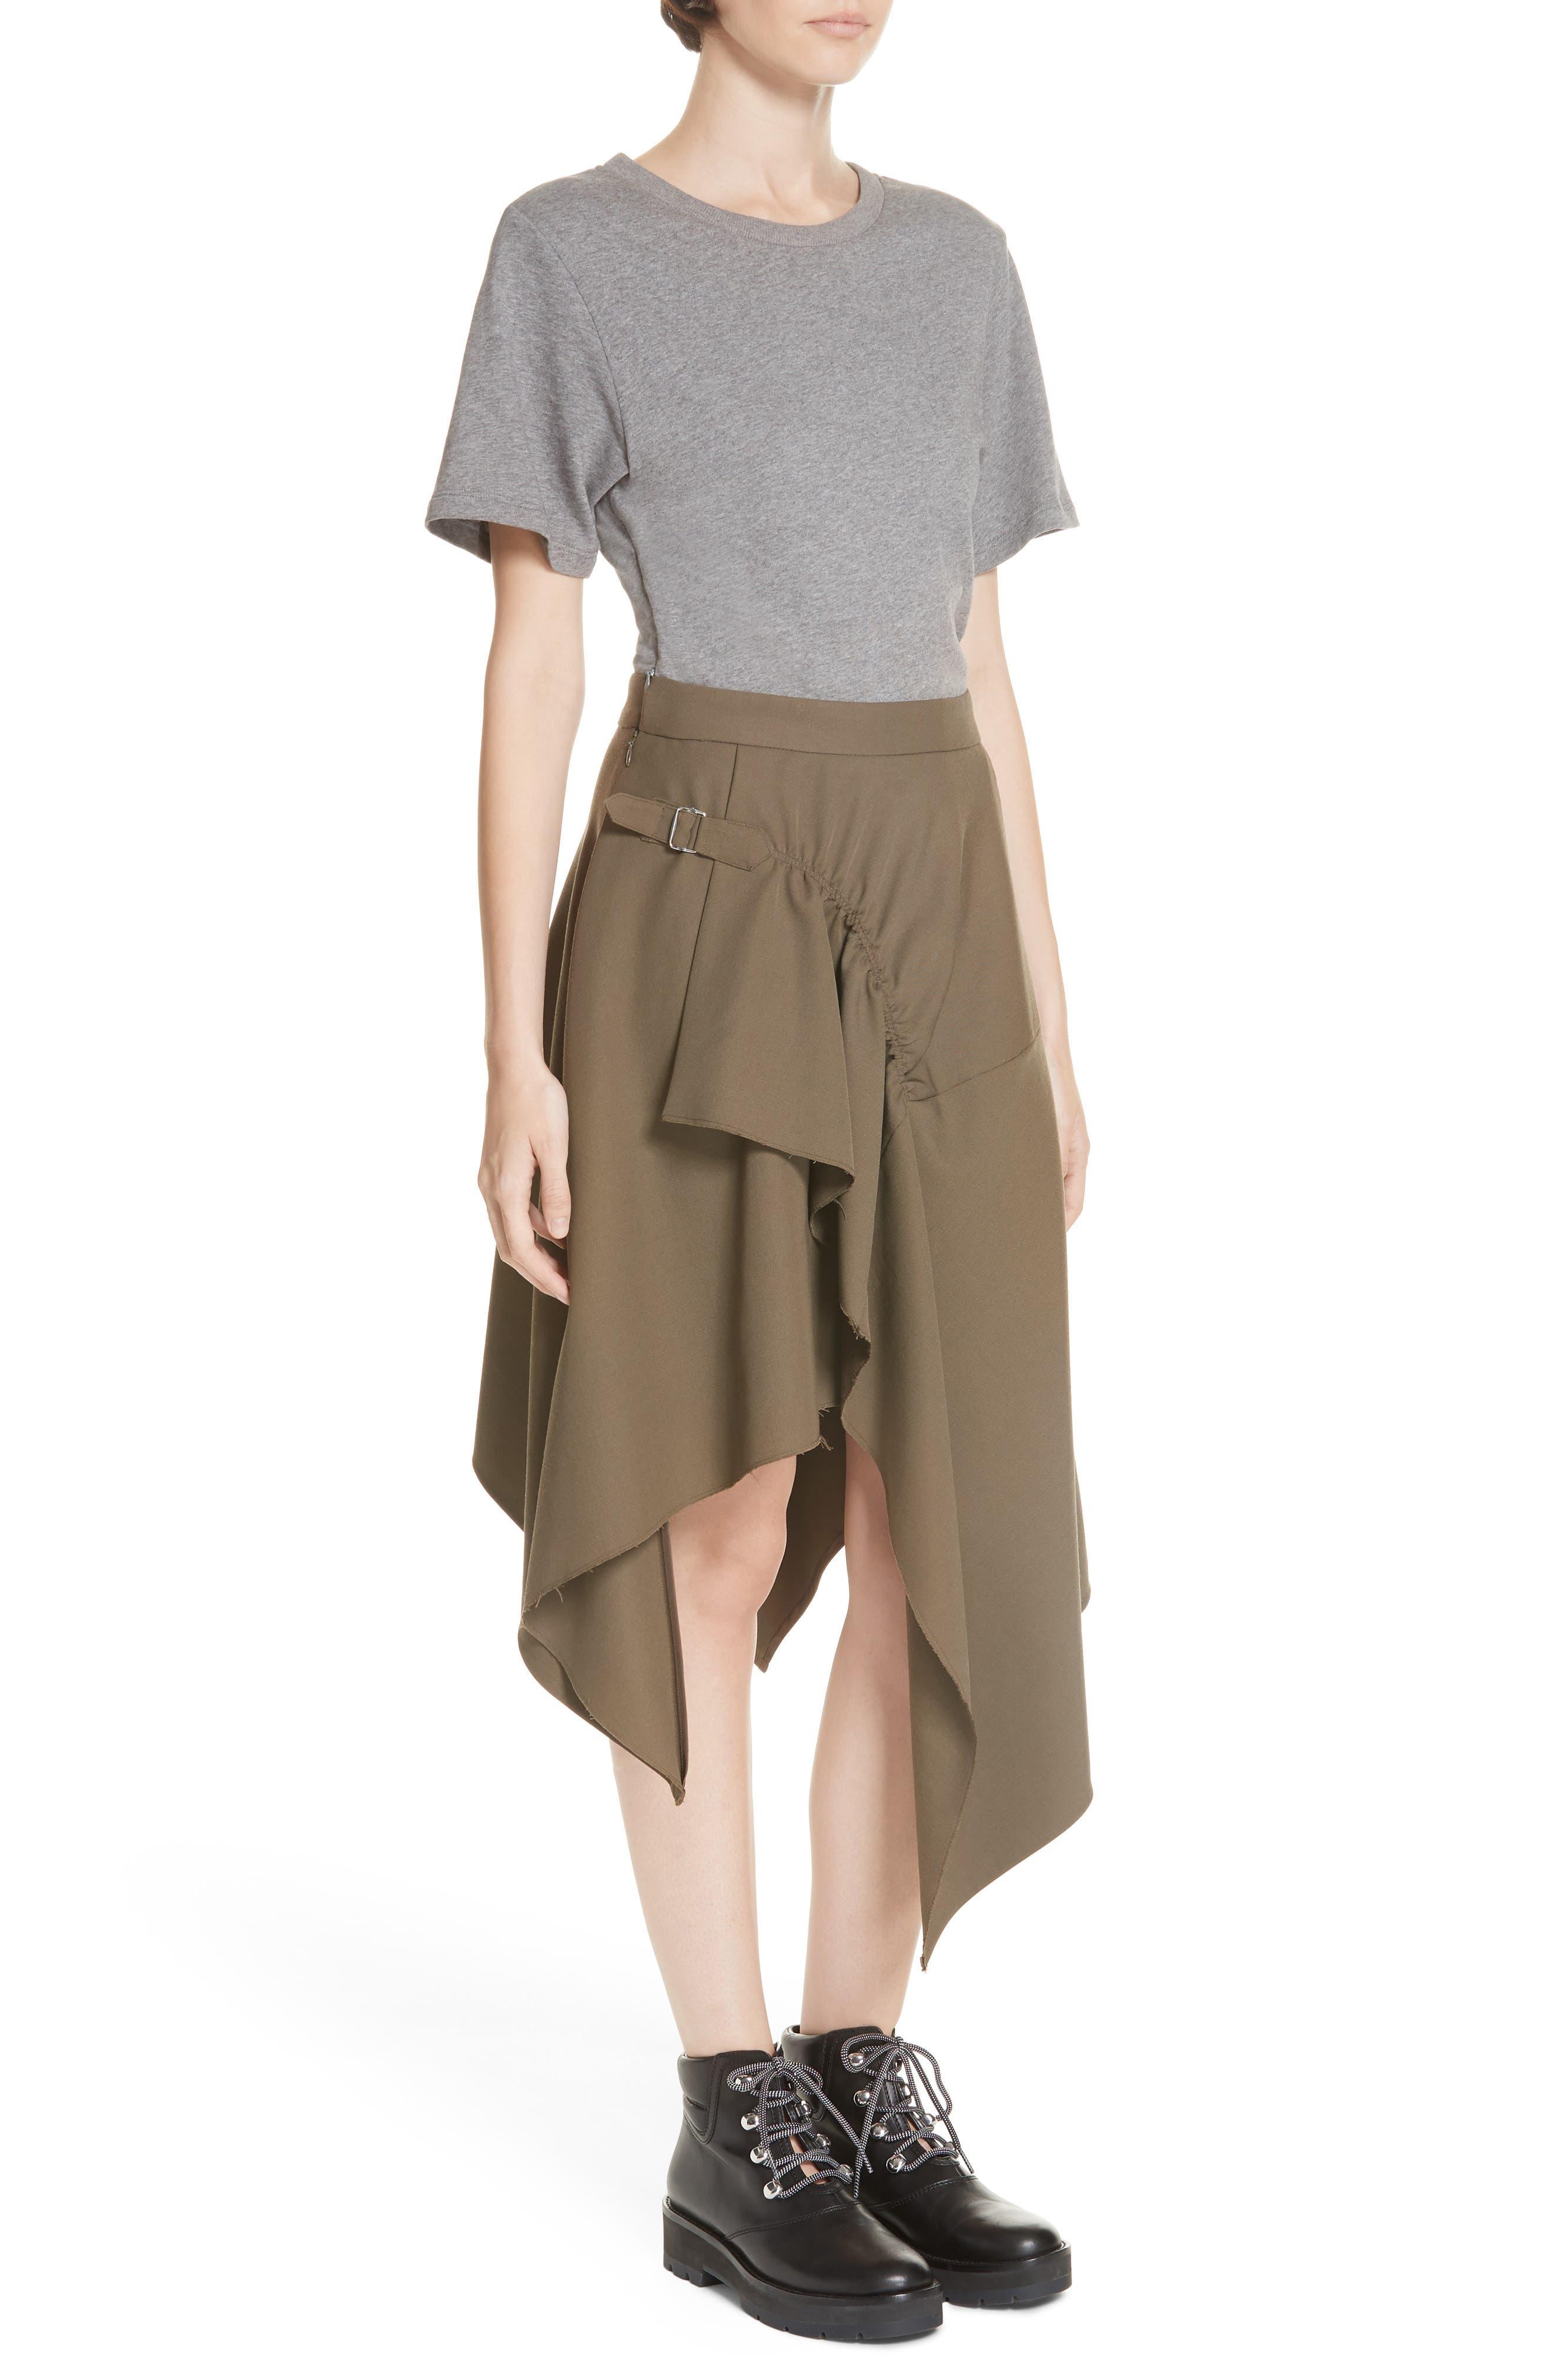 Mixed Media Wool & Cotton T-Shirt Dress,                             Alternate thumbnail 4, color,                             FIR GREEN